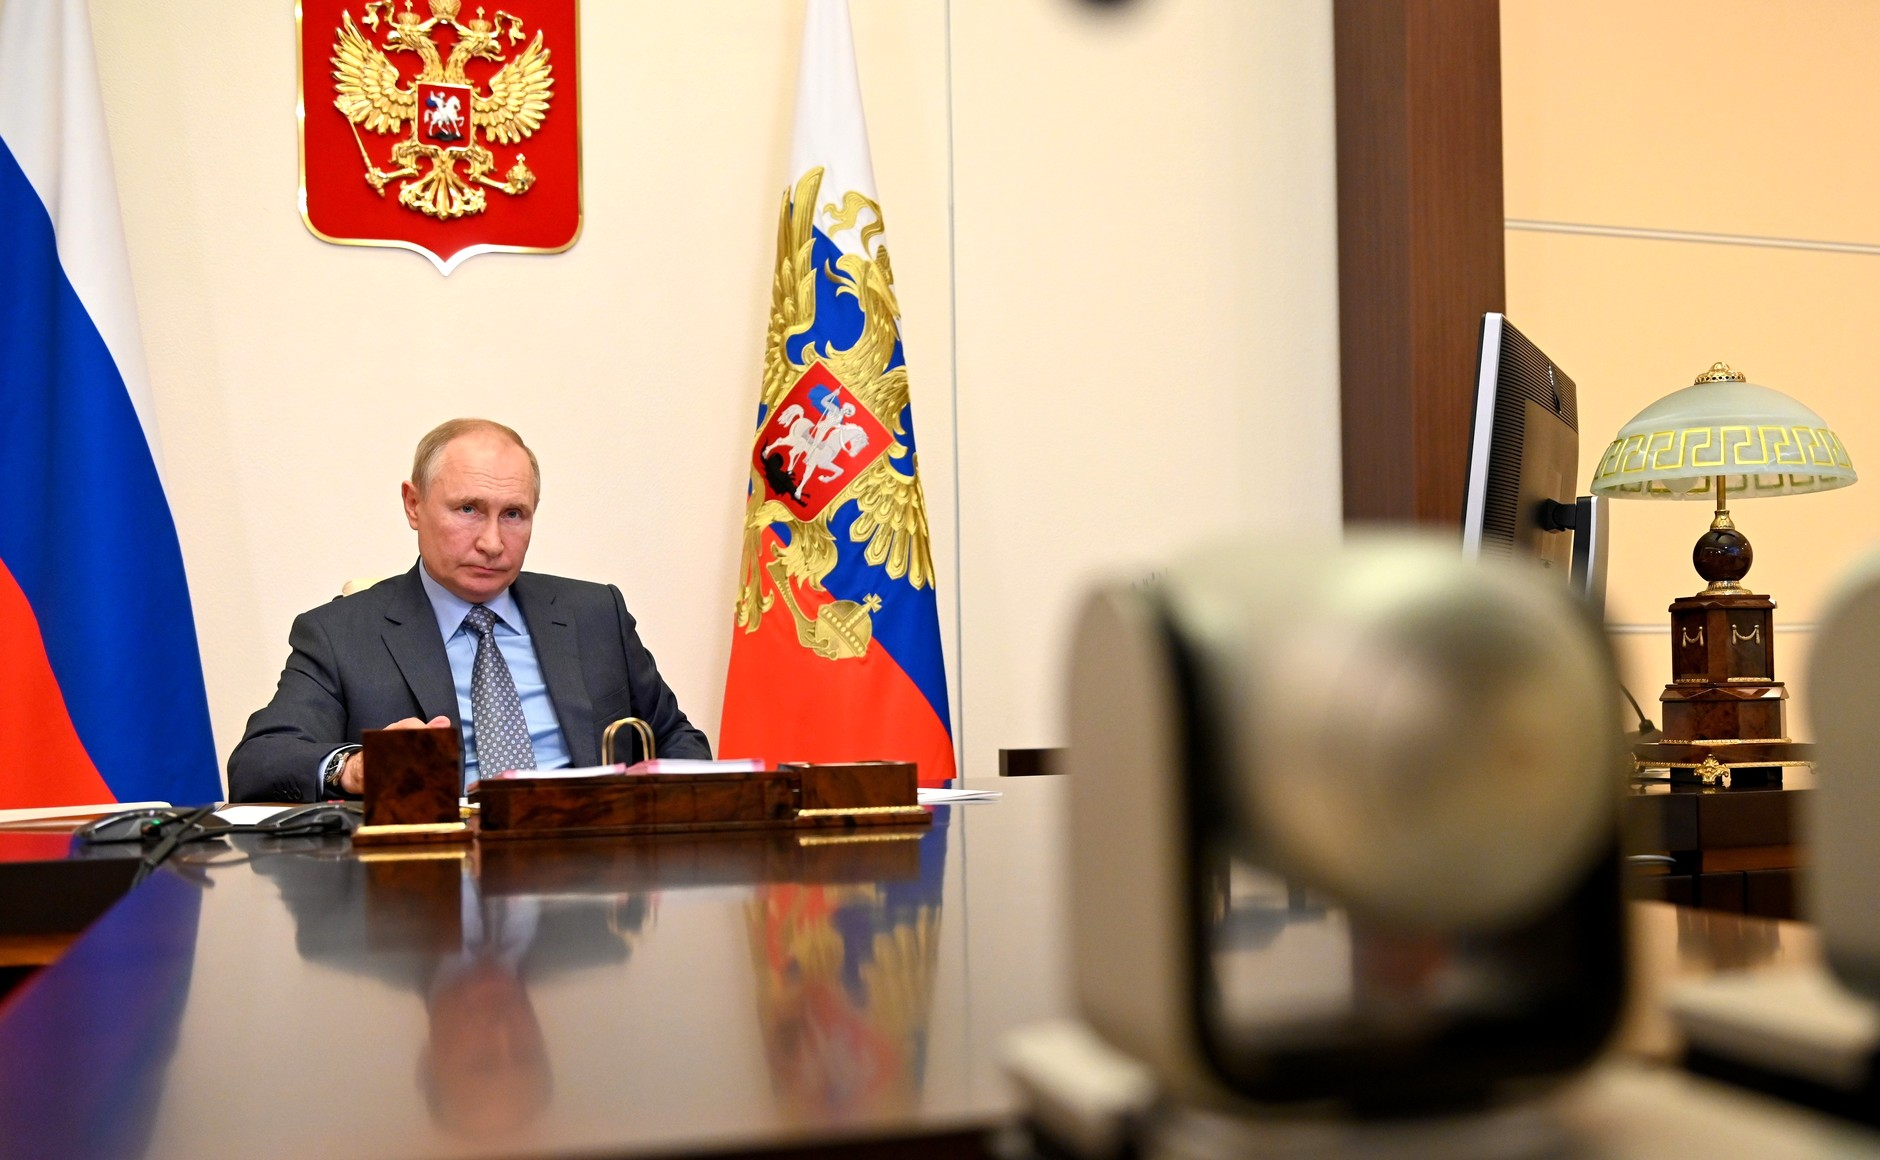 Путин: Инициативы народной программы ЕР должны быть в полном объеме отражены в бюджете